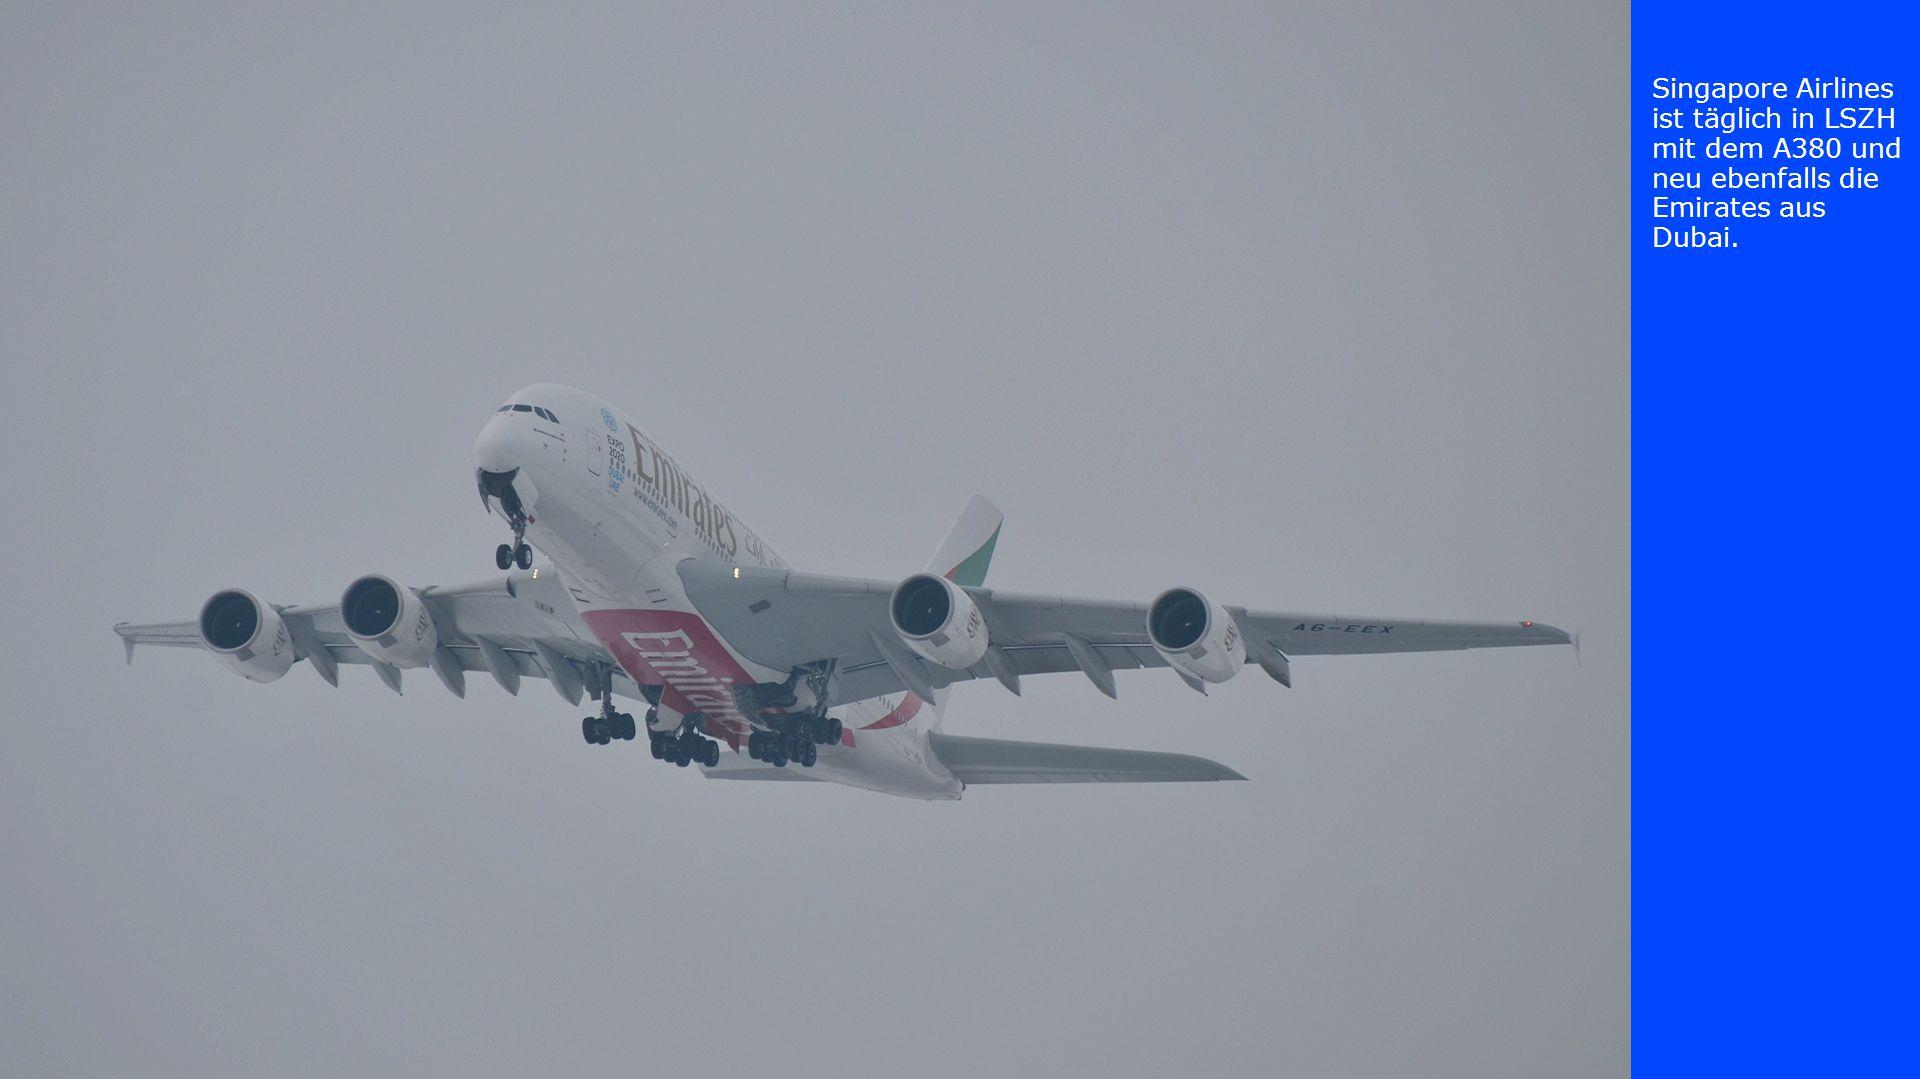 Singapore Airlines ist täglich in LSZH mit dem A380 und neu ebenfalls die Emirates aus Dubai.